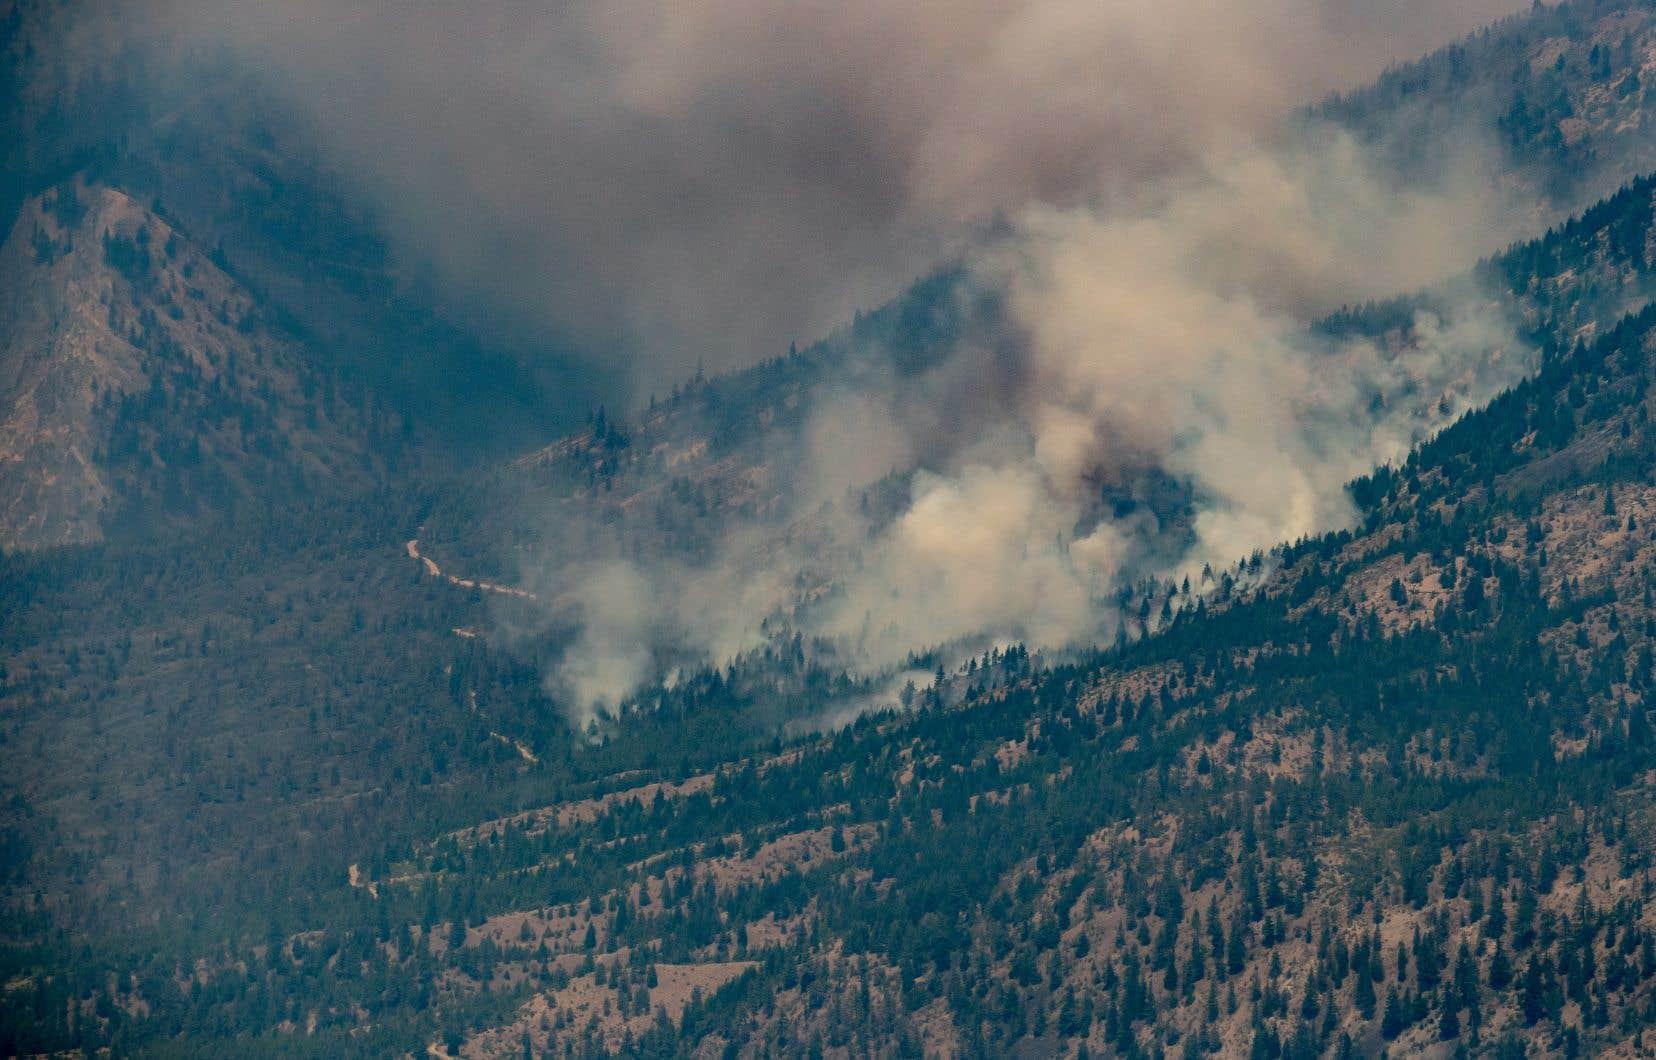 La petite communauté de Lytton, à 250km au nord-est de Vancouver, est devenue le symbole de cette crise: après avoir battu le record historique, elle a été la proie des flammes qui ont ravagé 90% de son territoire.